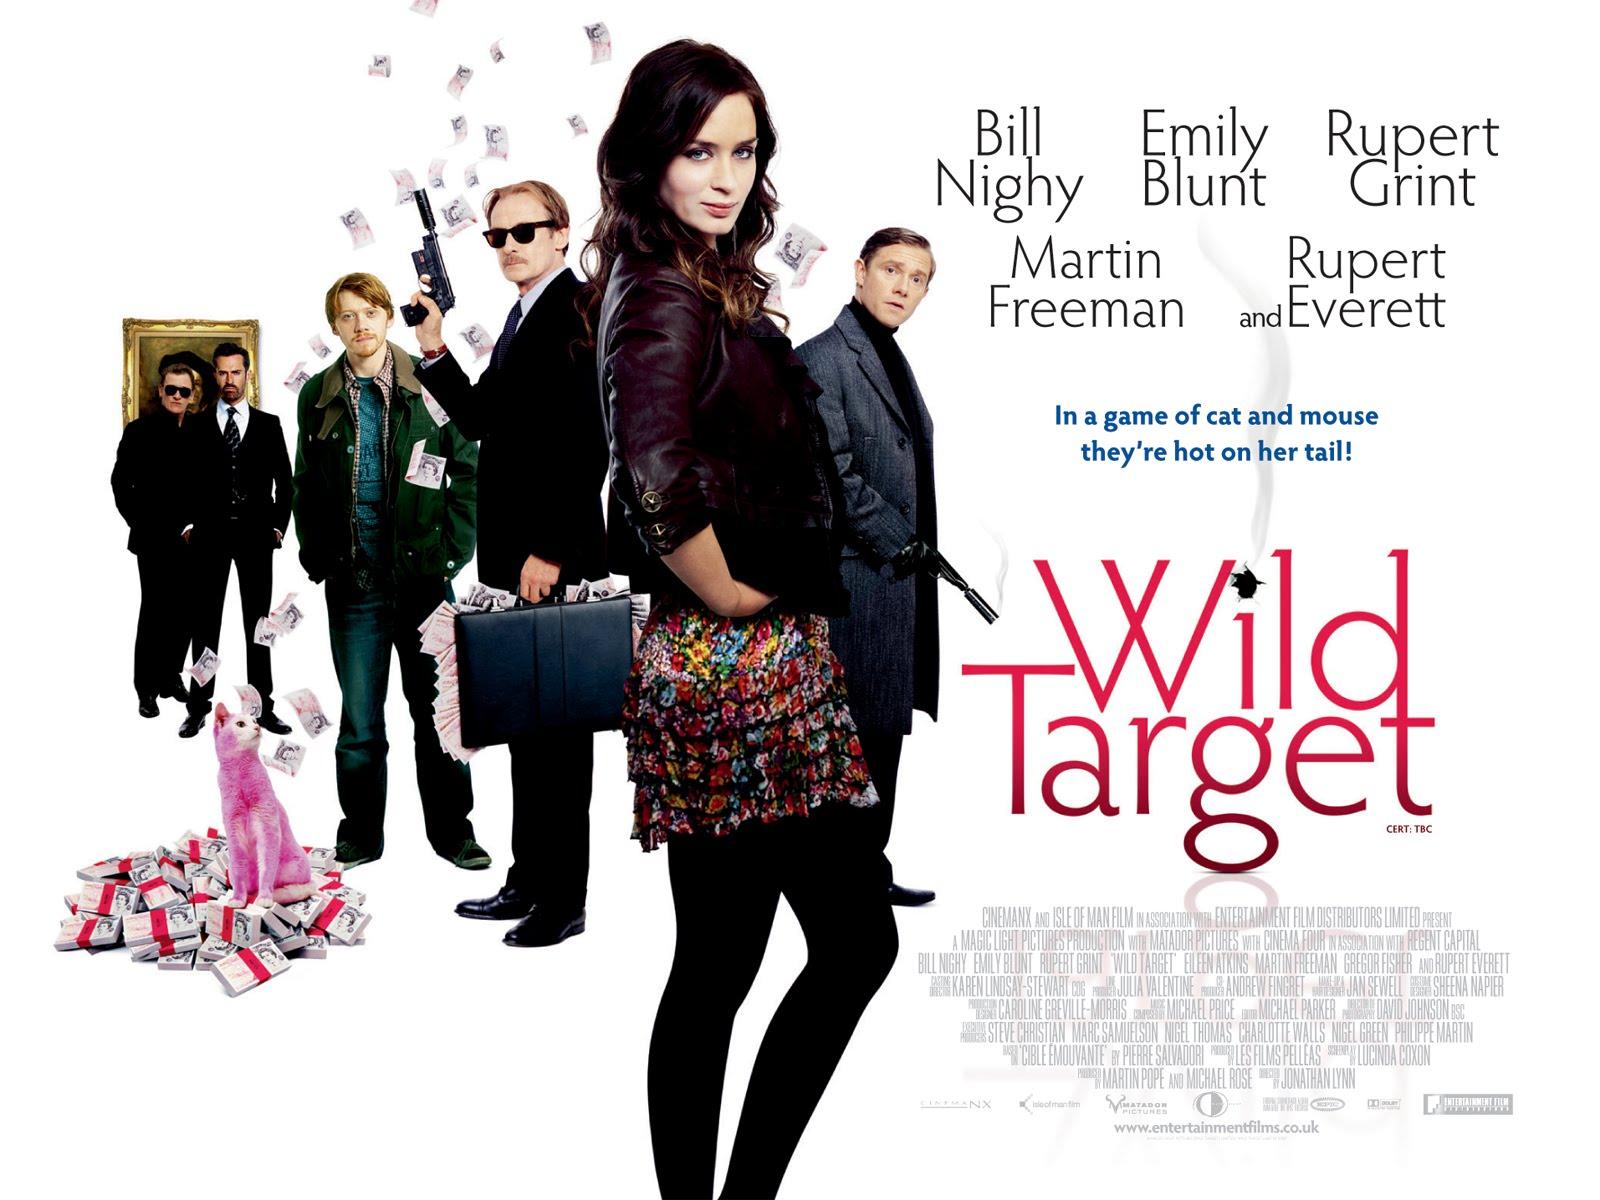 http://1.bp.blogspot.com/_nH10KBkuEFg/TCI3mfoPE1I/AAAAAAAABz0/se4-1CltZIg/s1600/Wildtarget.jpg